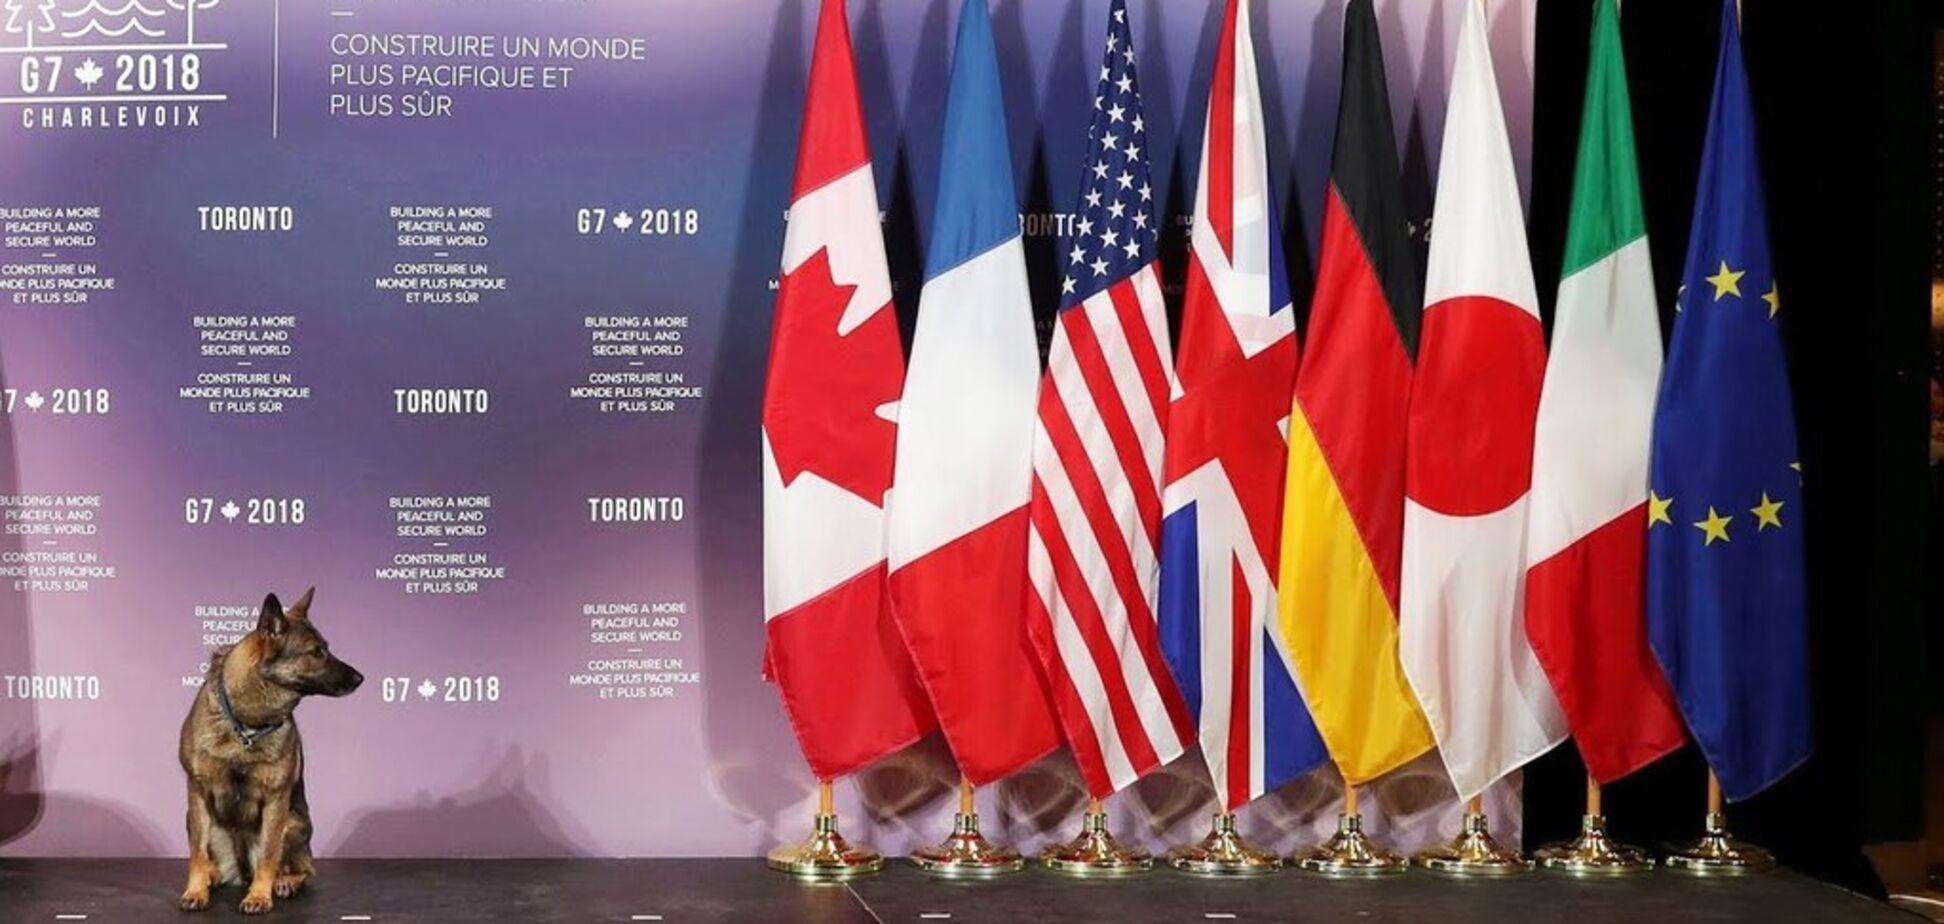 Конгрес США ухвалив переможну для України резолюцію щодо Росії і G7